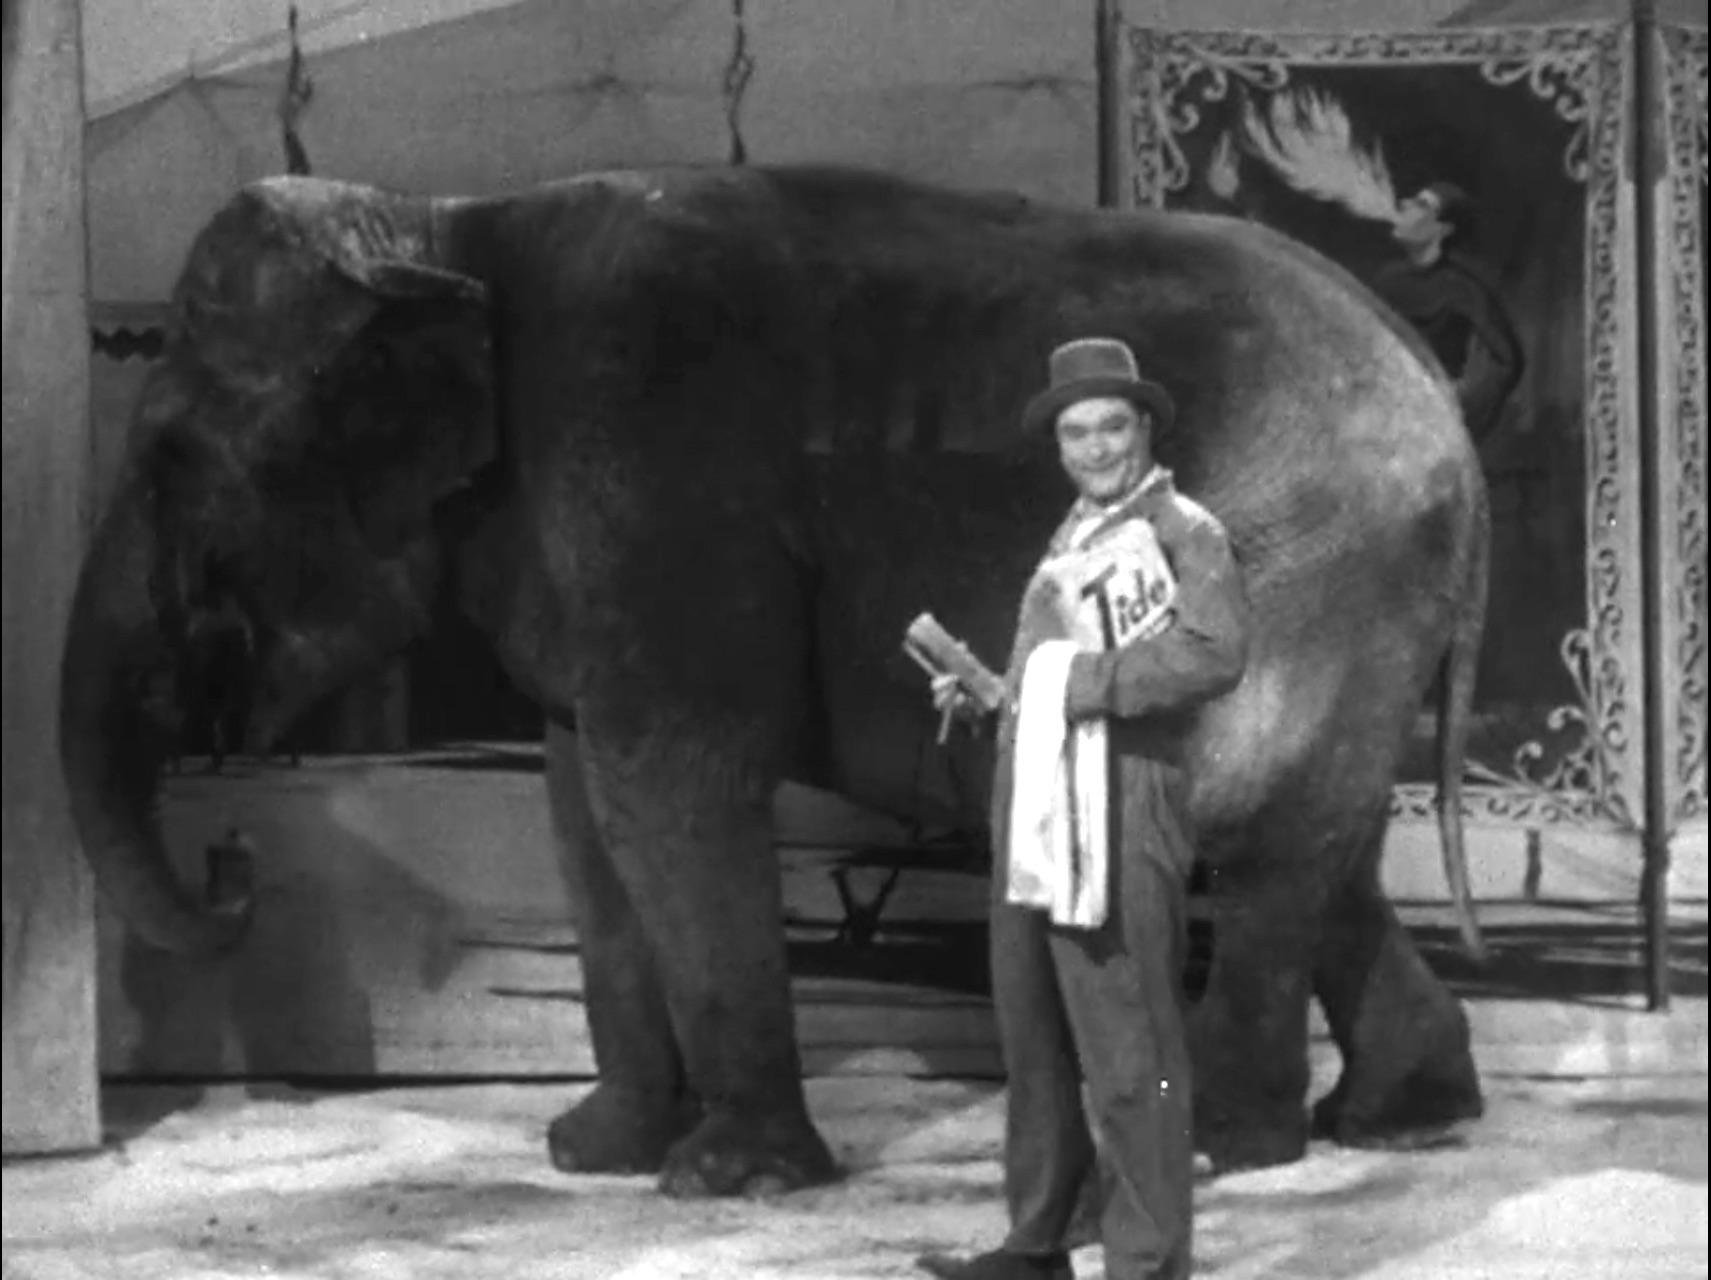 Willy Lump Lump washing the elephant